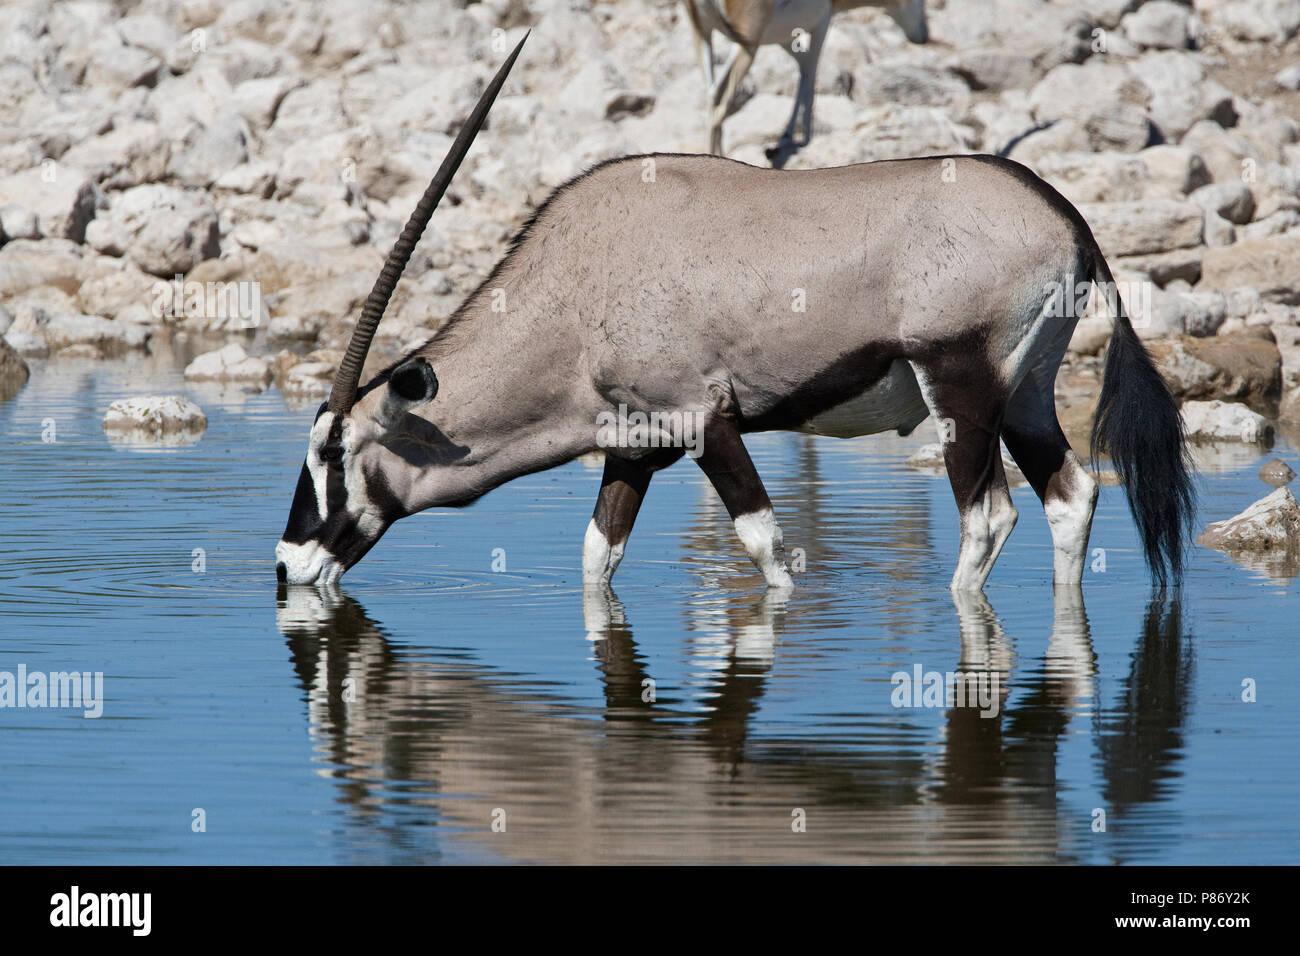 Oryx drinkend Etosha NP Namibie, Gemsbok drinking Etosha NP Namibia - Stock Image